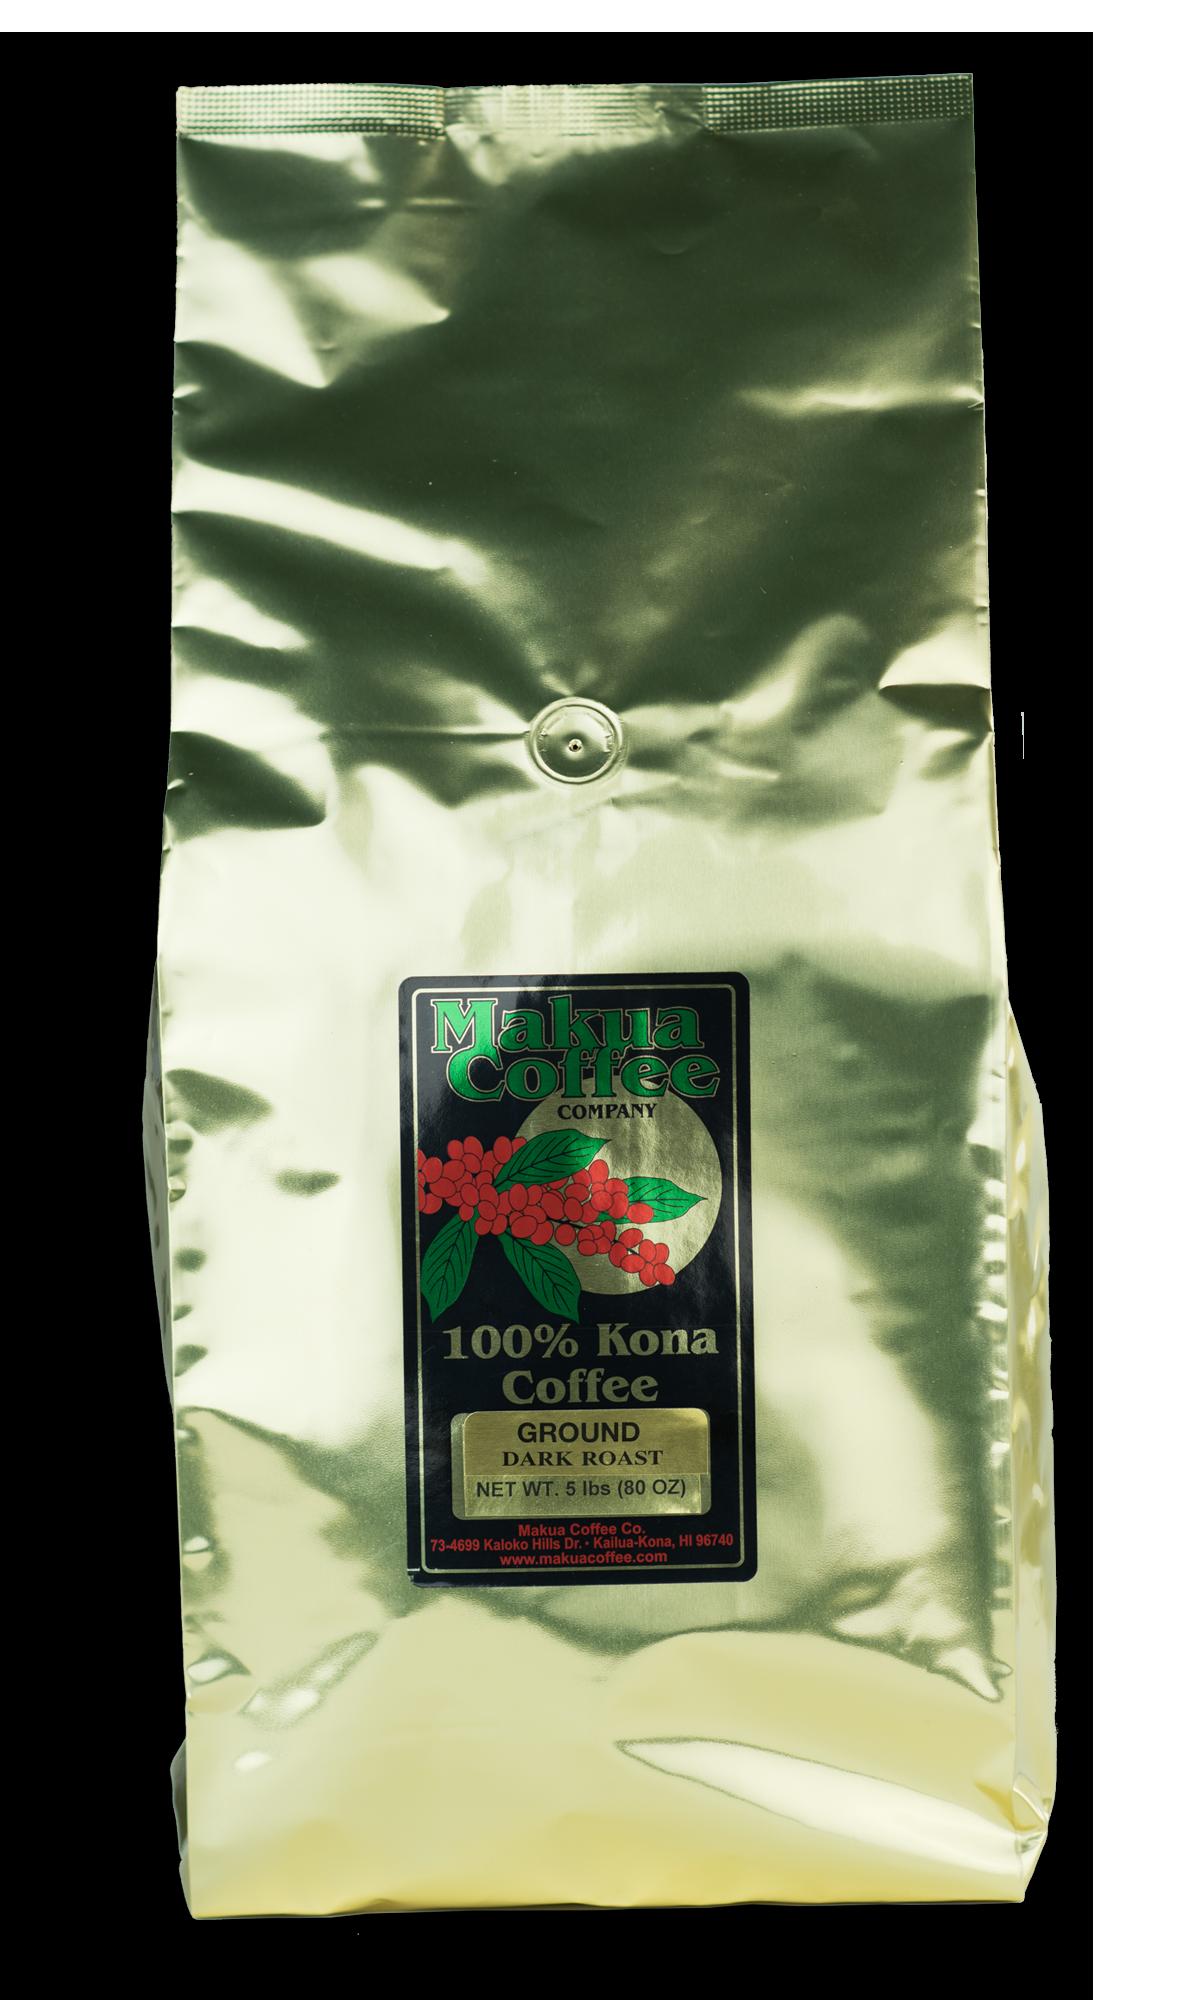 Makua Coffee Company 100% Kona Coffee Dark Roast Ground Coffee 5 lb bag